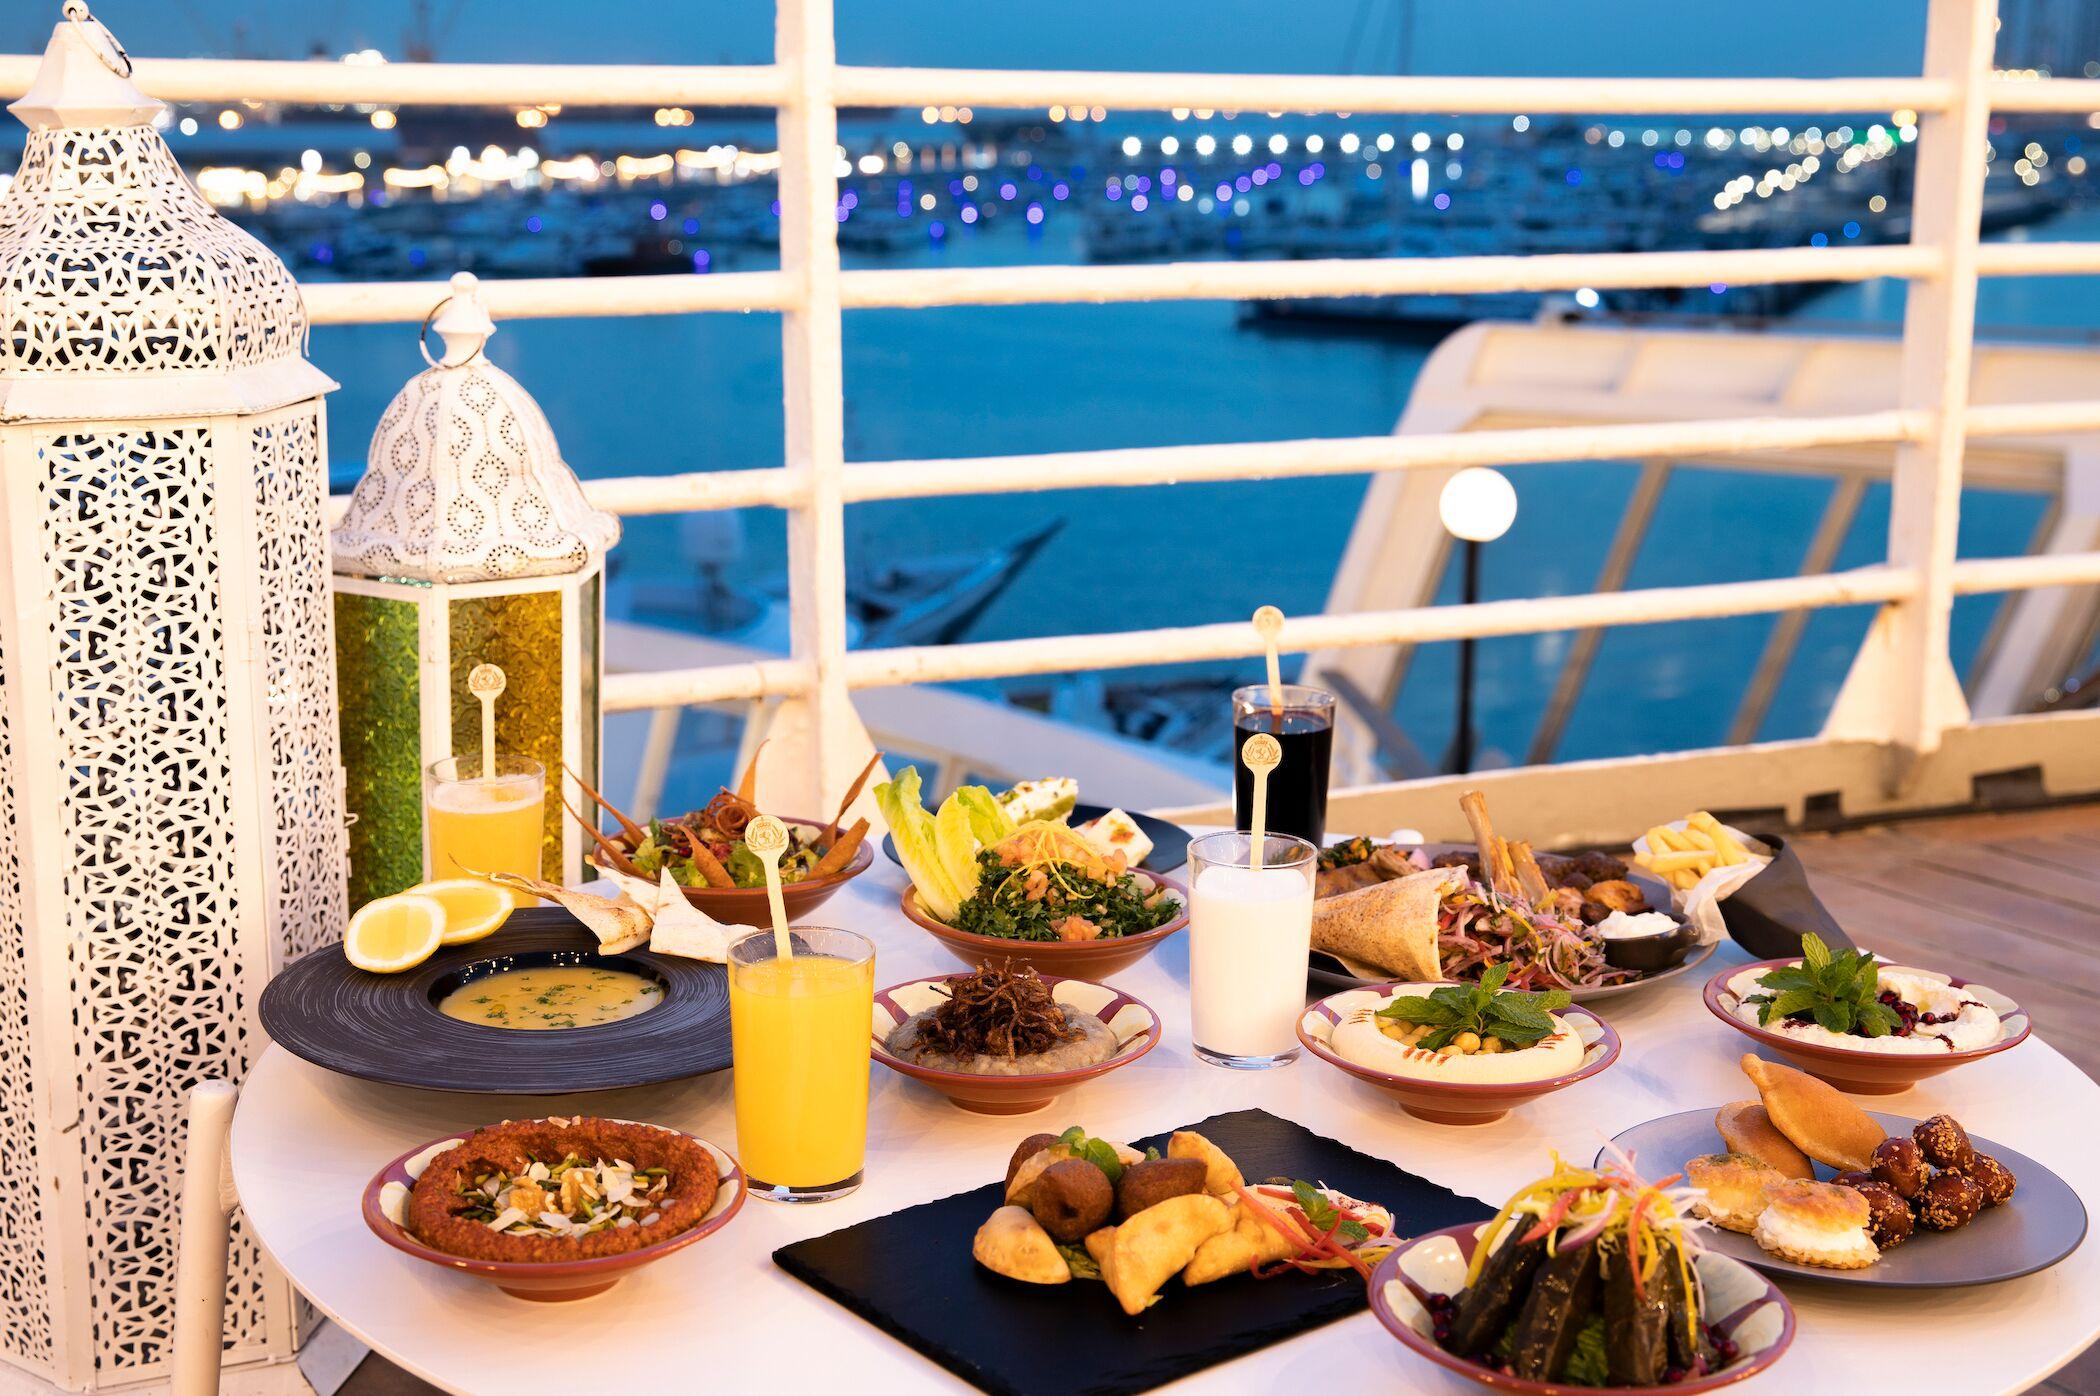 عروض شهر رمضان الكريم في سفينة كوين إليزابيث 2